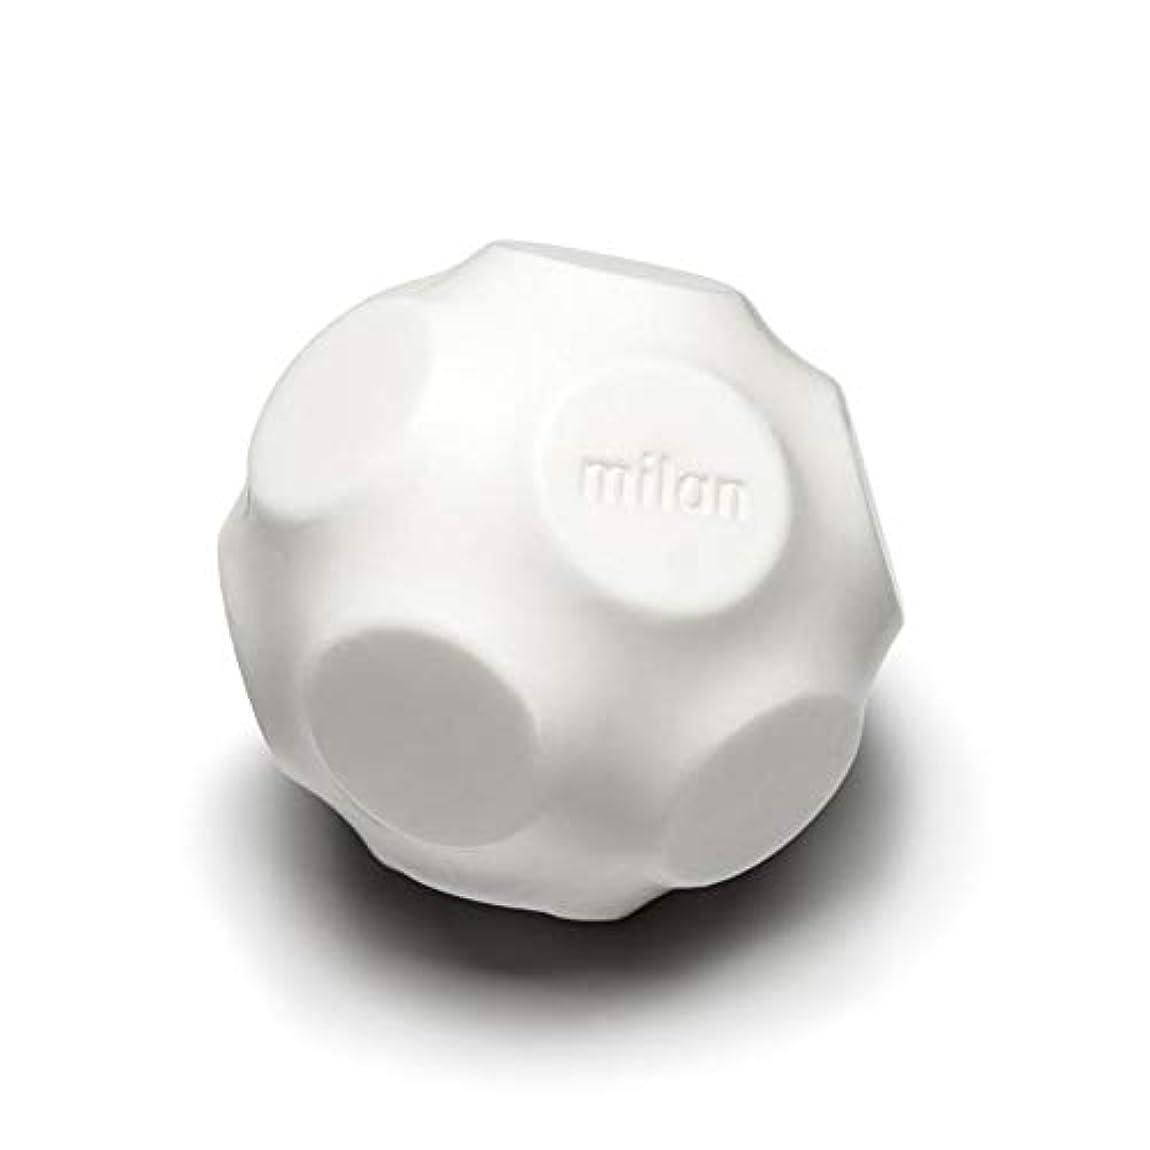 植物学者両方泥沼Maison Milan SIMONA ダイヤモンド粉 ホワイト 石鹸